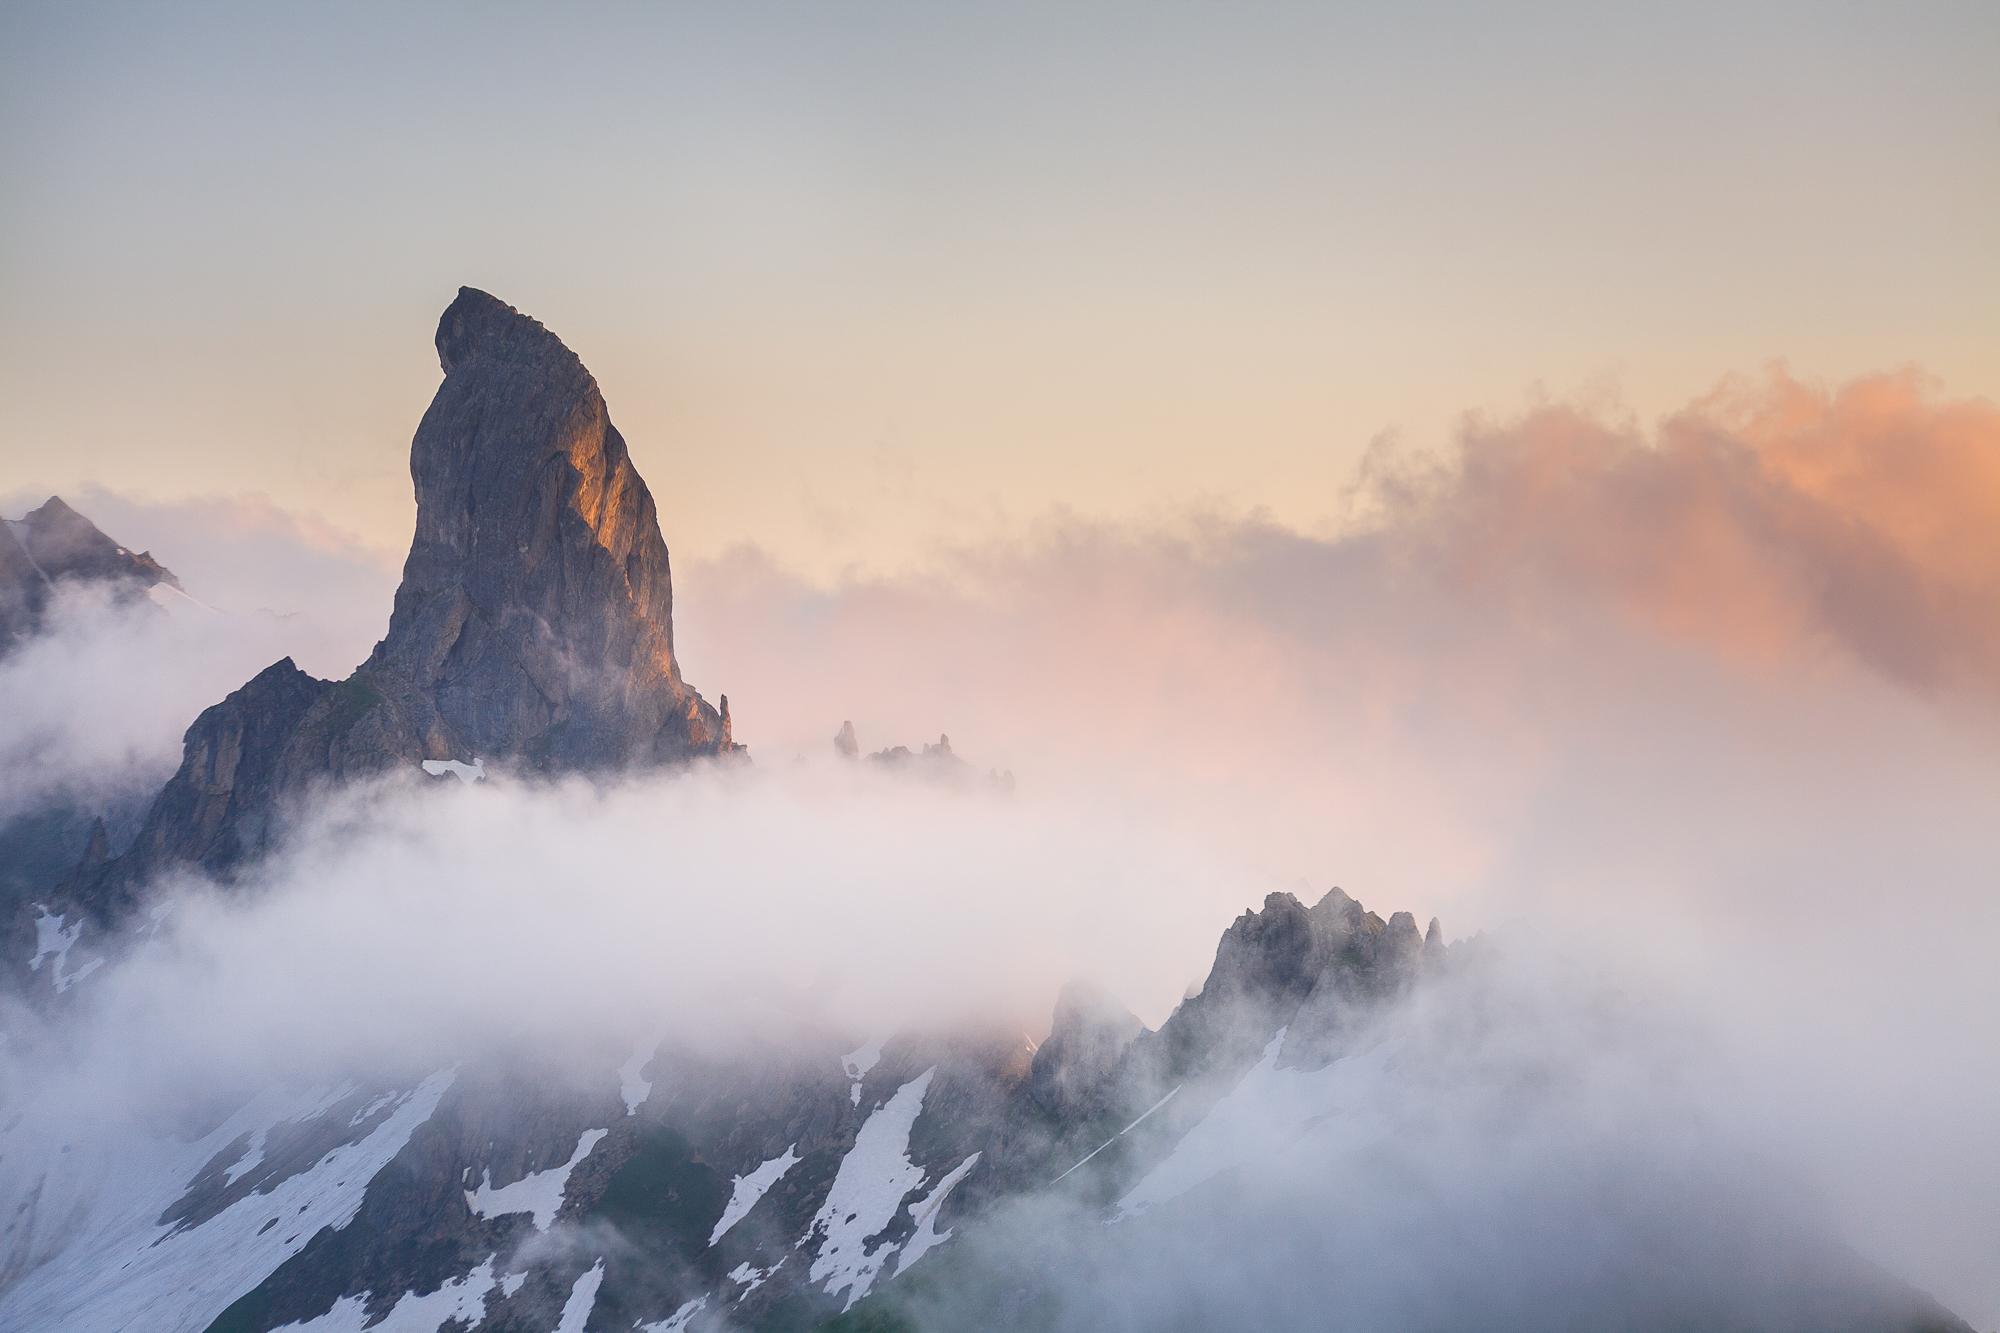 La Pierra Menta dans les nuages - Beaufortain, Savoie, France